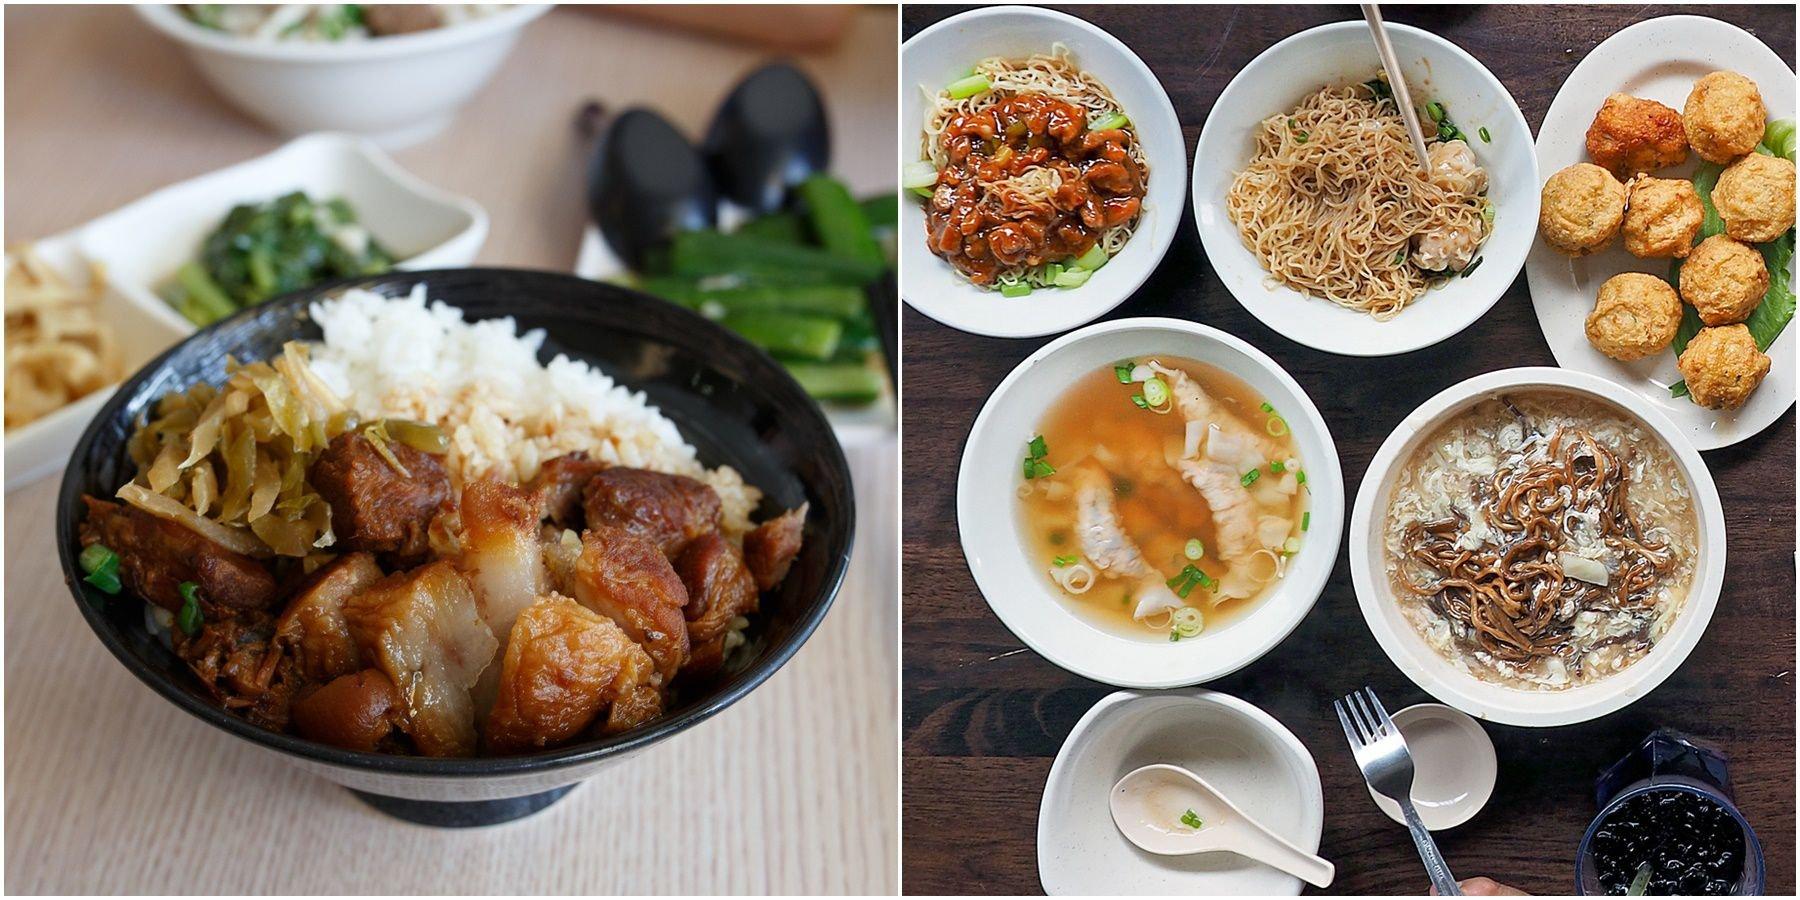 img 5b1f0fc8b853f.png?resize=412,232 - 全球「十大美食城市」公開,台灣這座城市也上榜